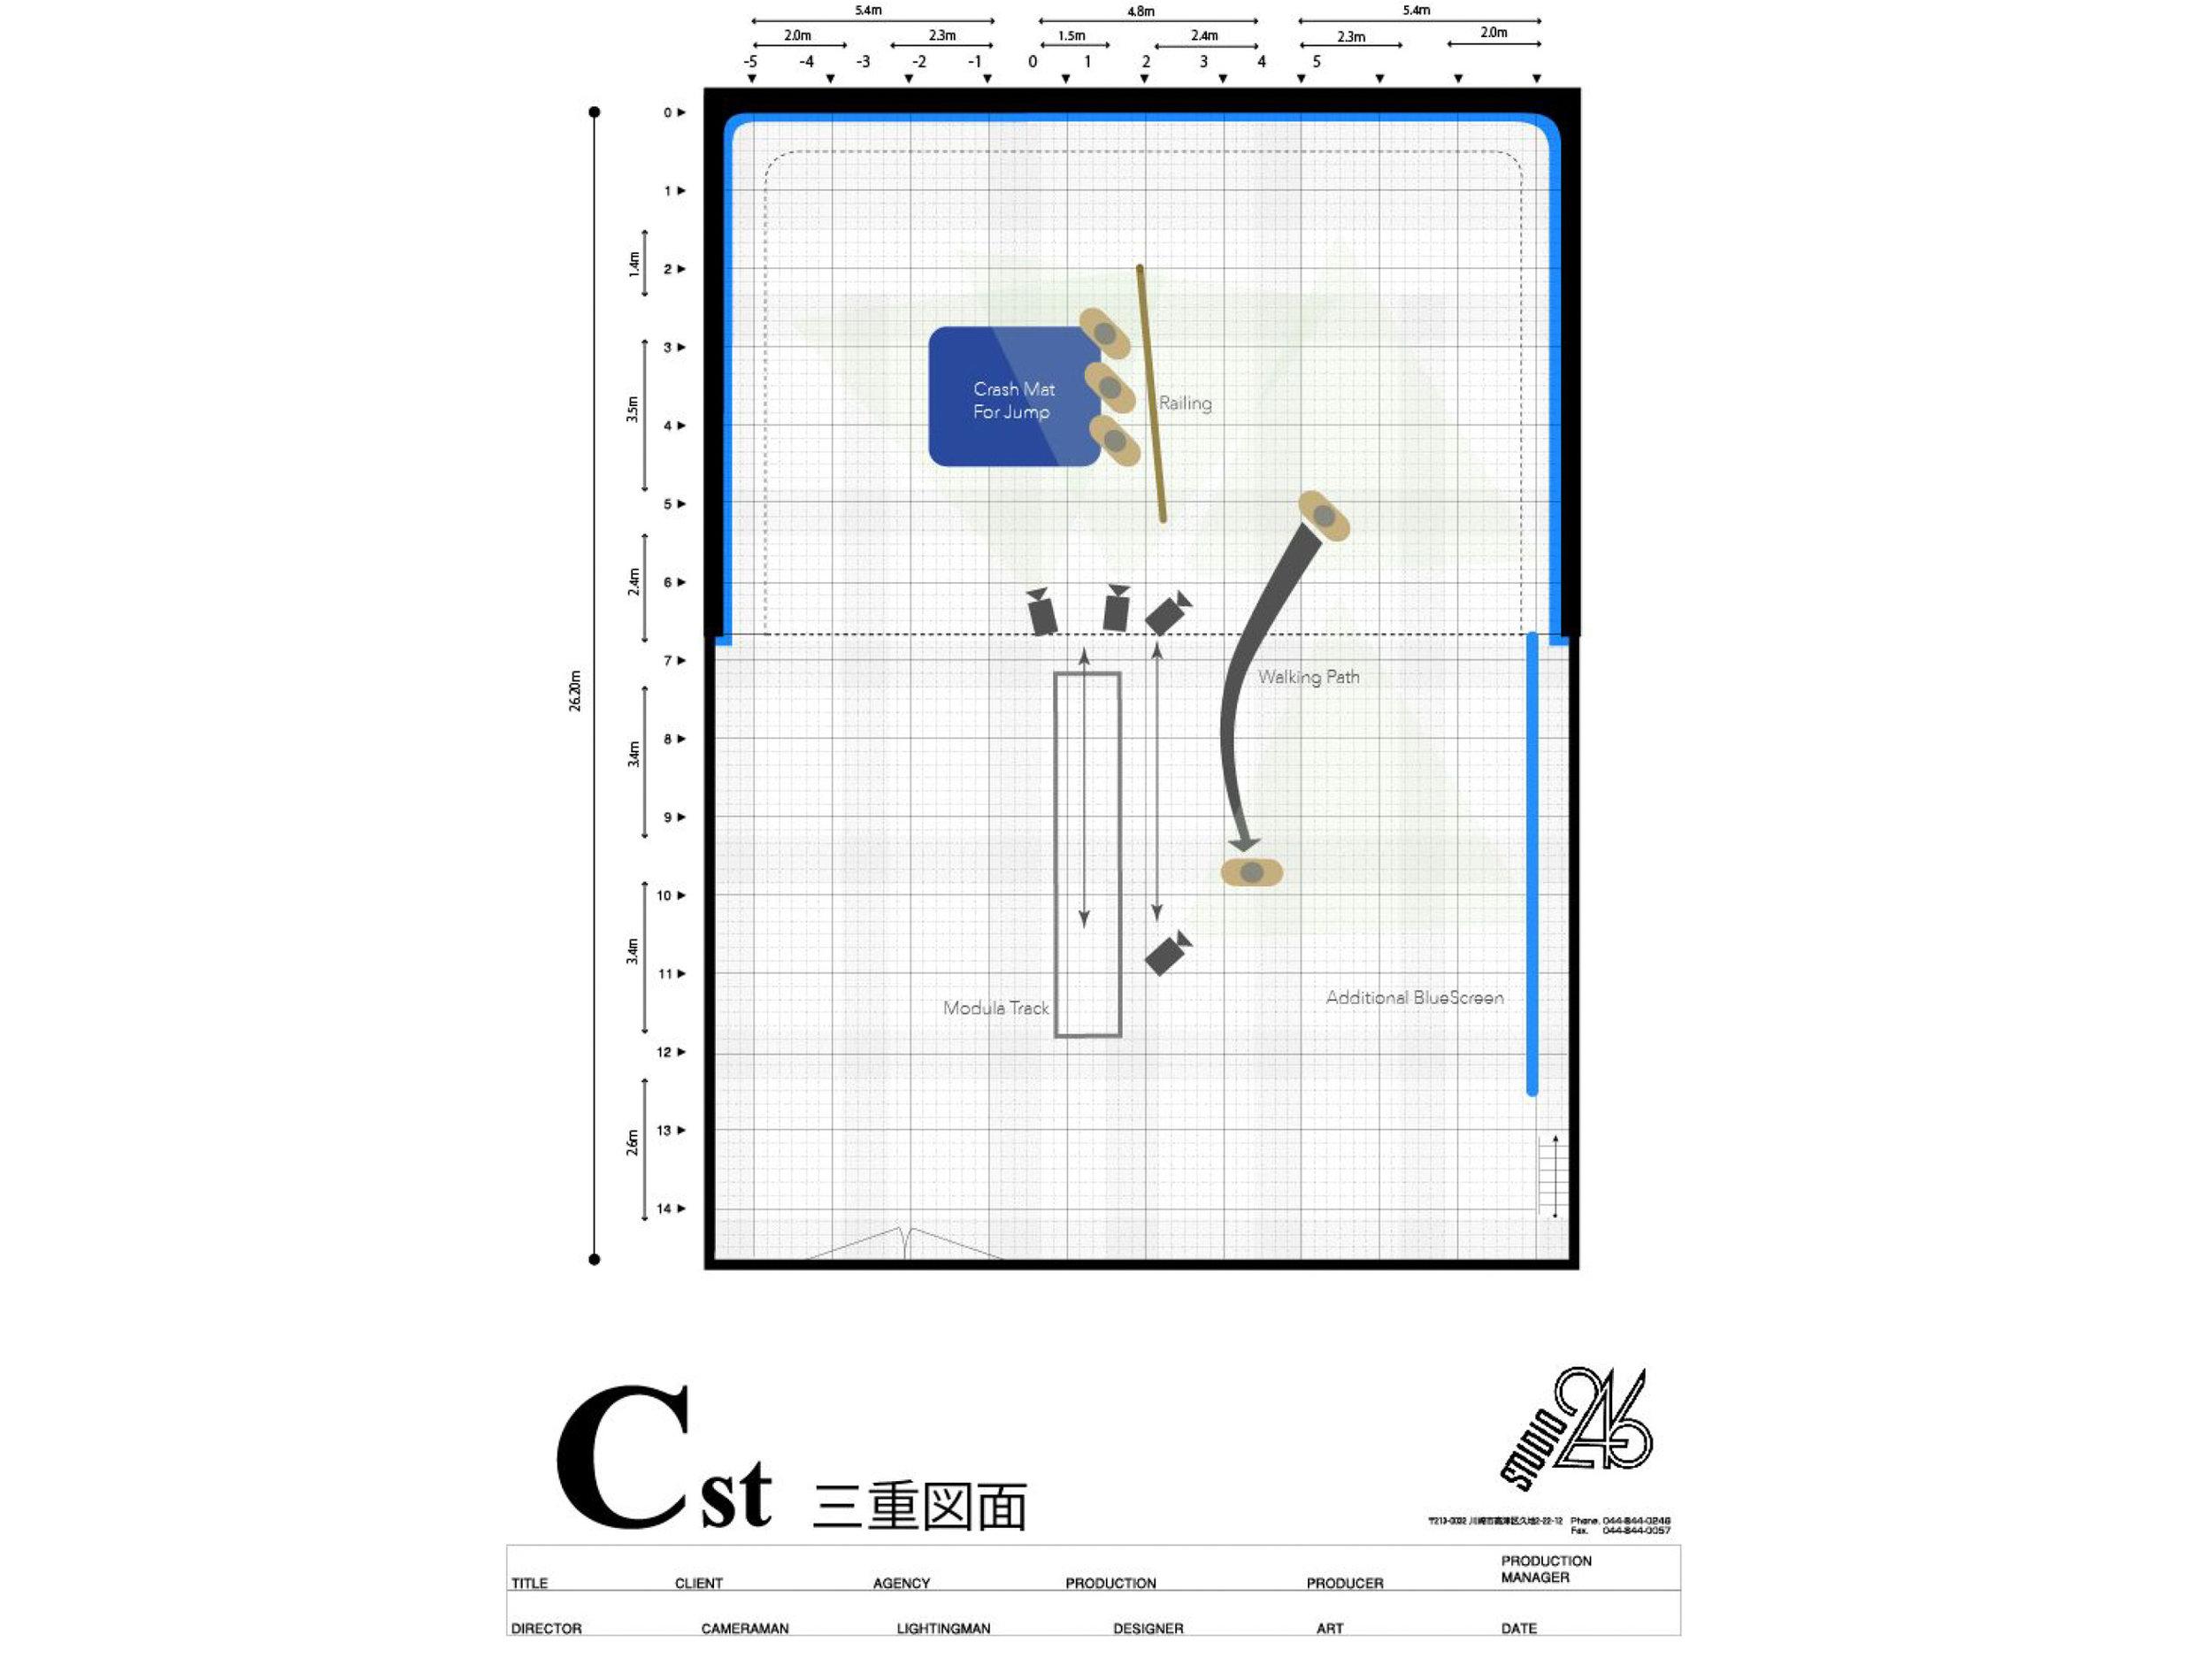 C_Stage_Shoot_Plan.jpg